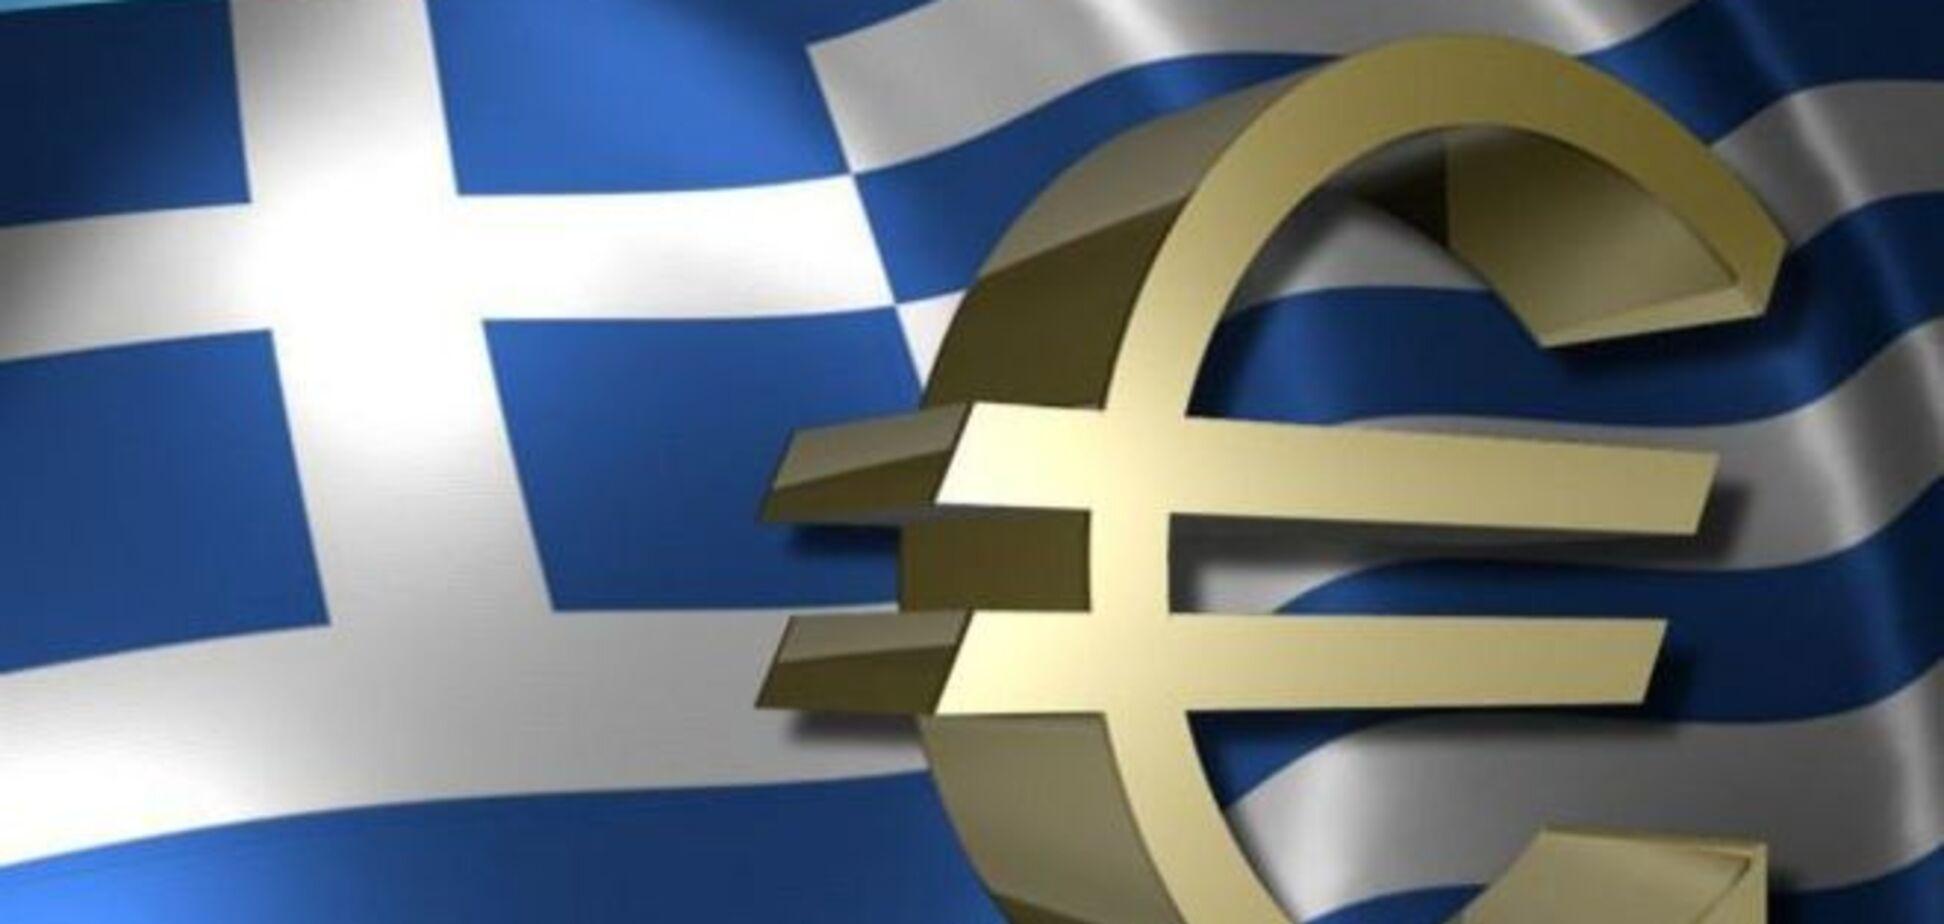 Грекам дозволили знімати в банкоматах по 300 євро на тиждень